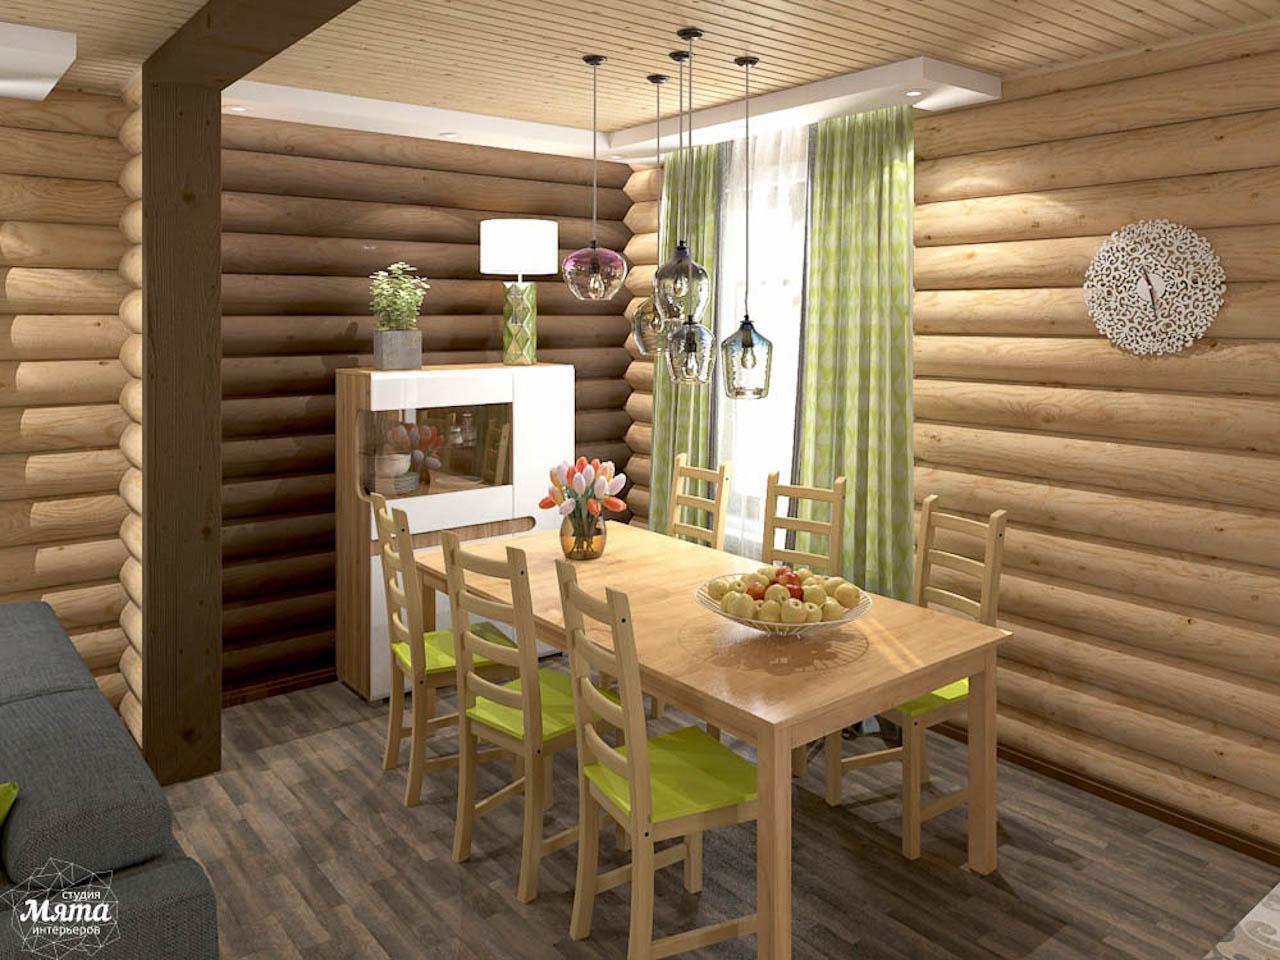 Дизайн интерьера коттеджа в п. В. Сысерть  img1283960727